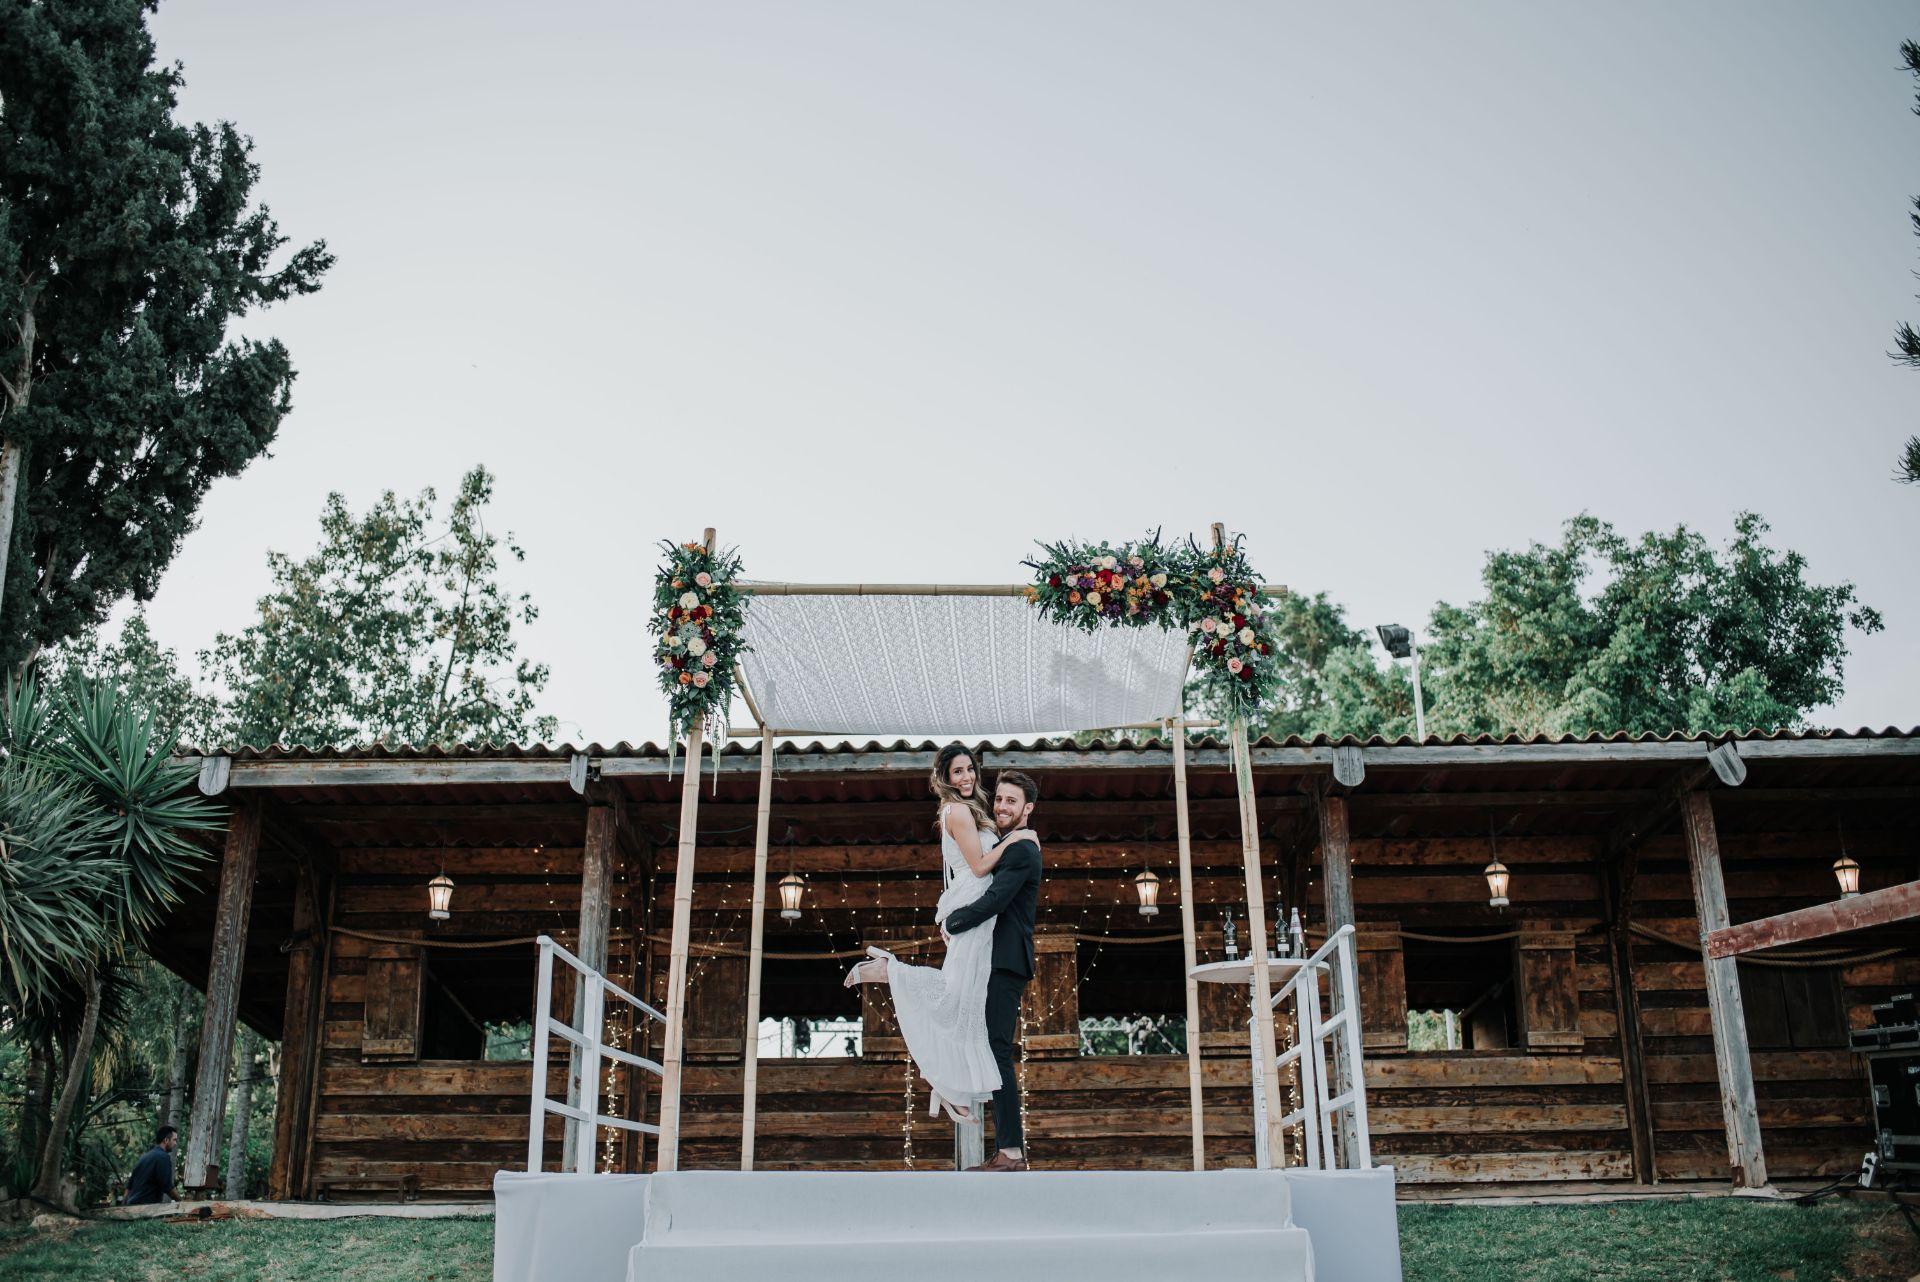 מפיקי חתונות מובילים משתפים: תובנות וטיפים לחתונות בזמן קורונה